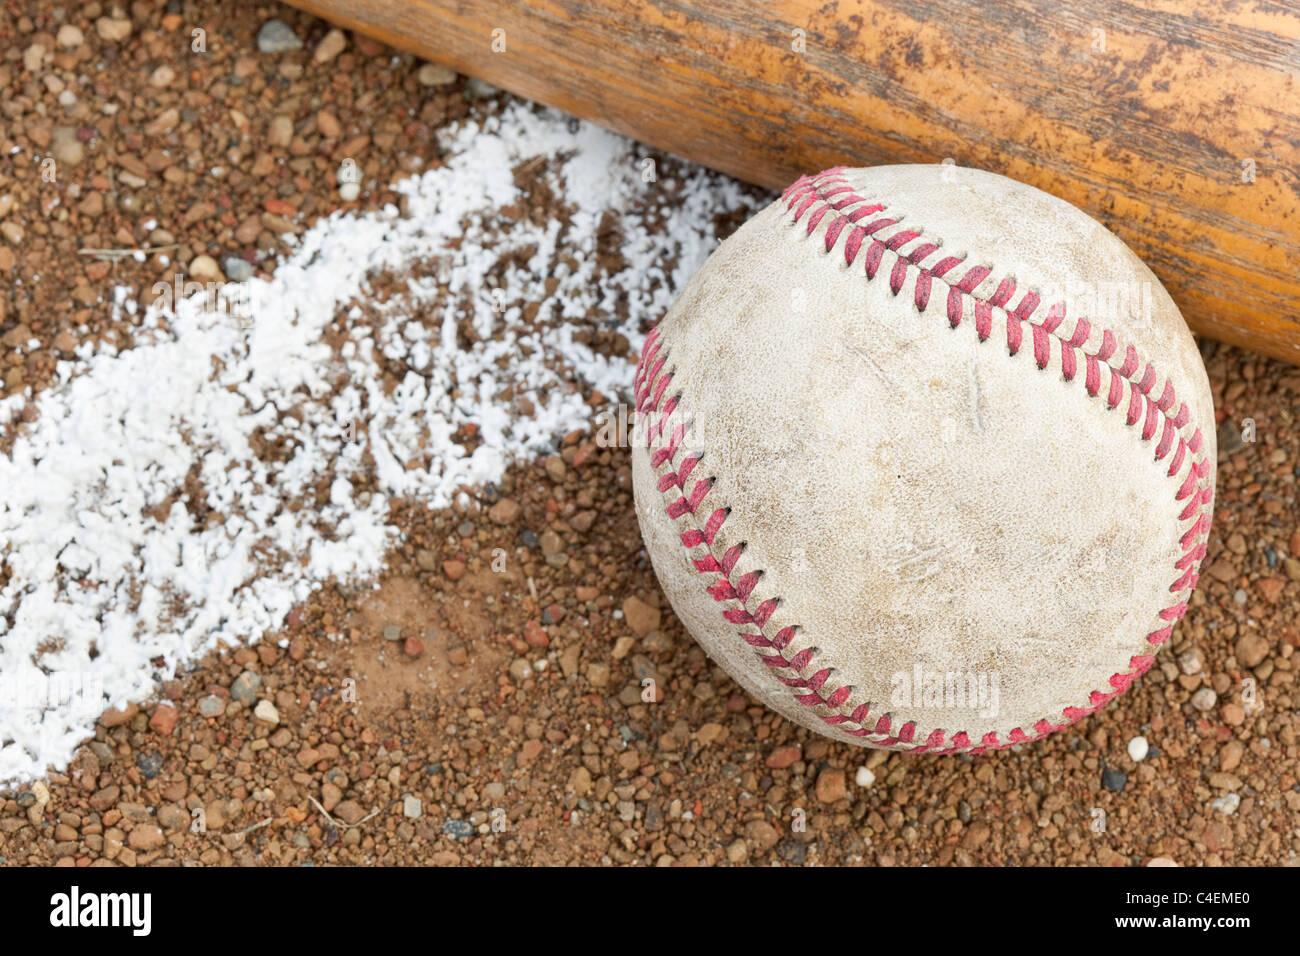 Una vieja bate y pelota de béisbol en un campo de béisbol Foto de stock